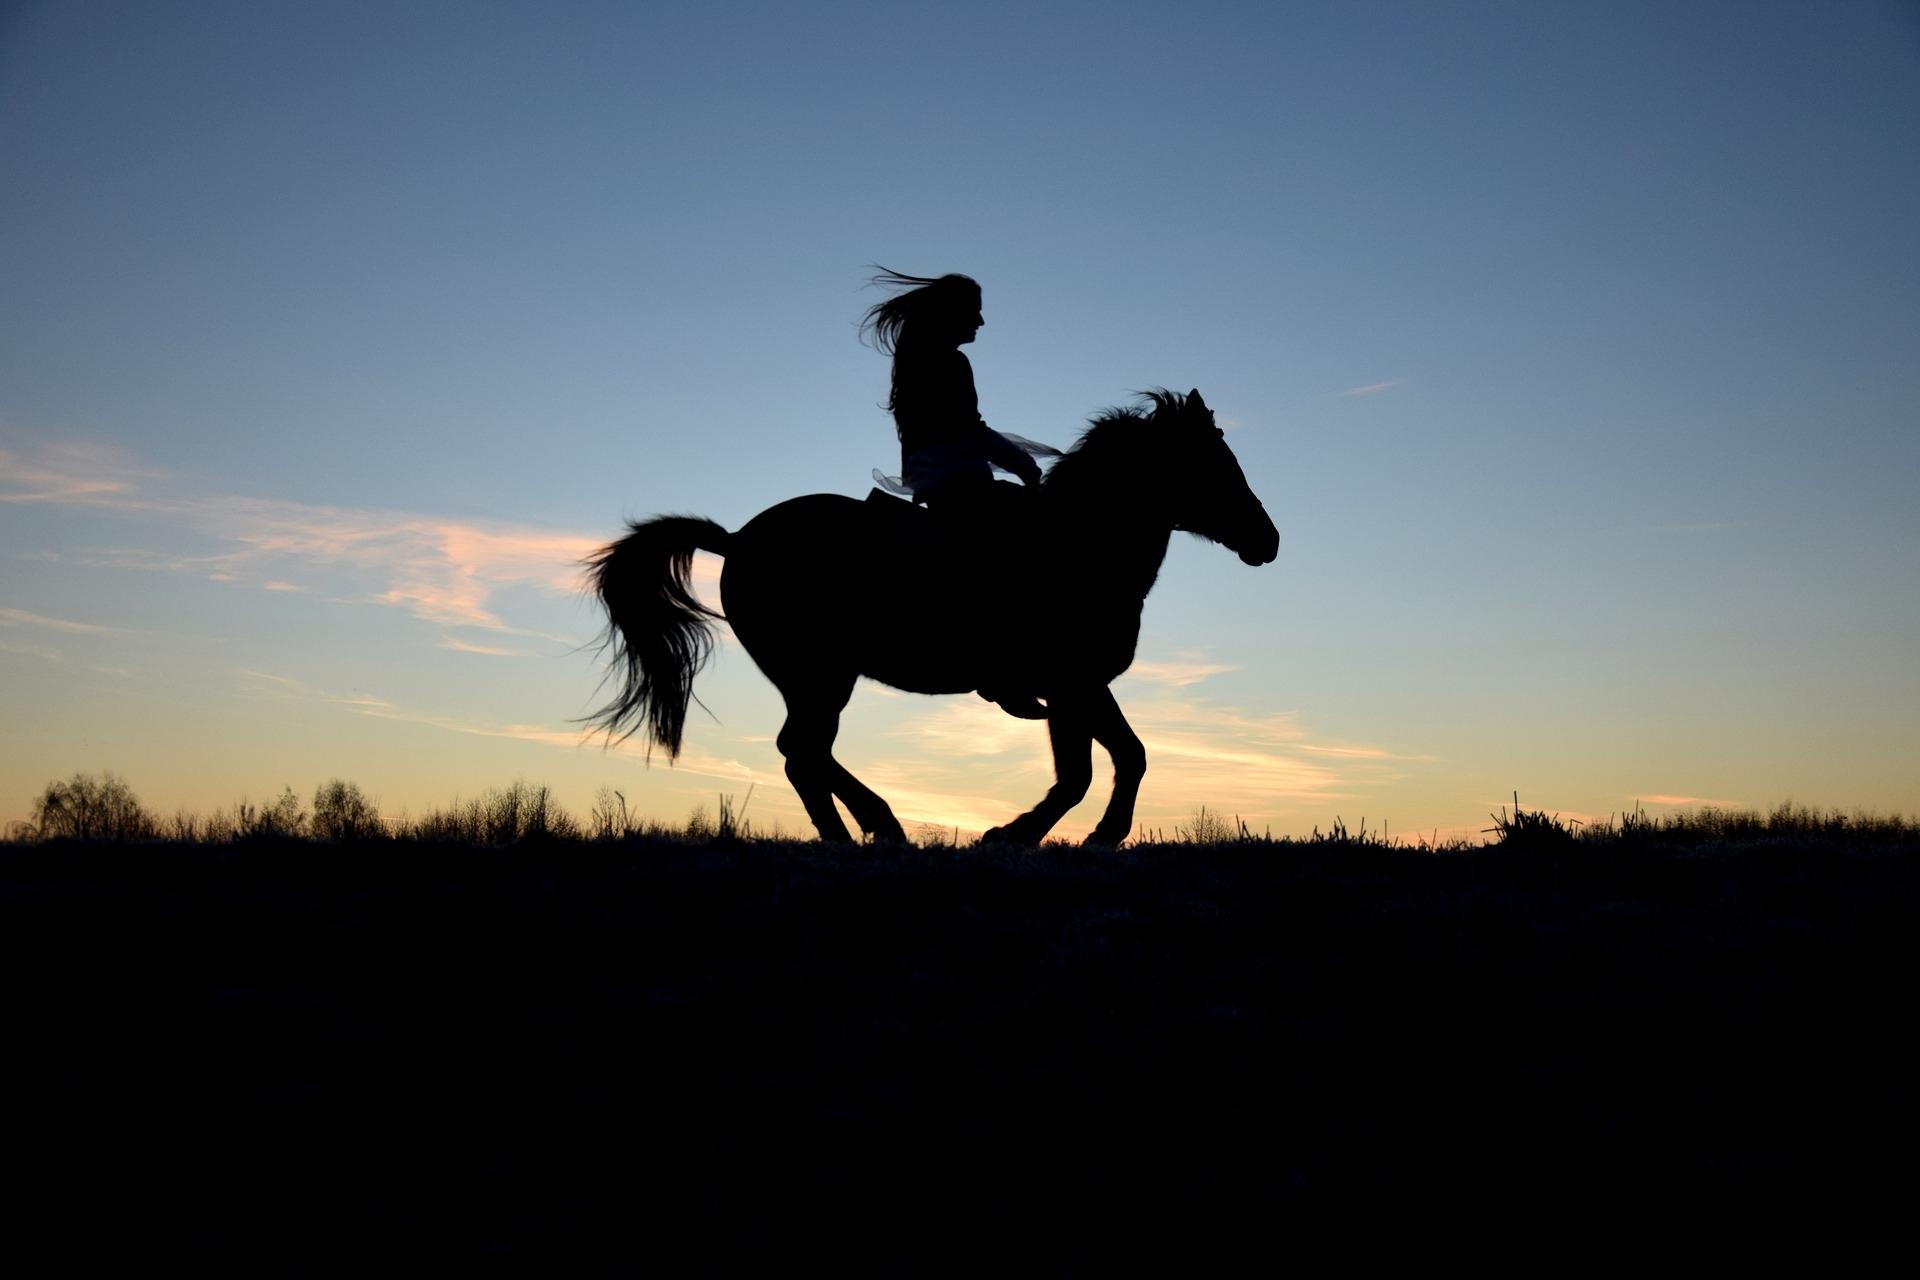 Leo Forsbeck - Die Versicherungs-Experten | Freizeitsportler wie Reiter sind besonders unfallgefährdet